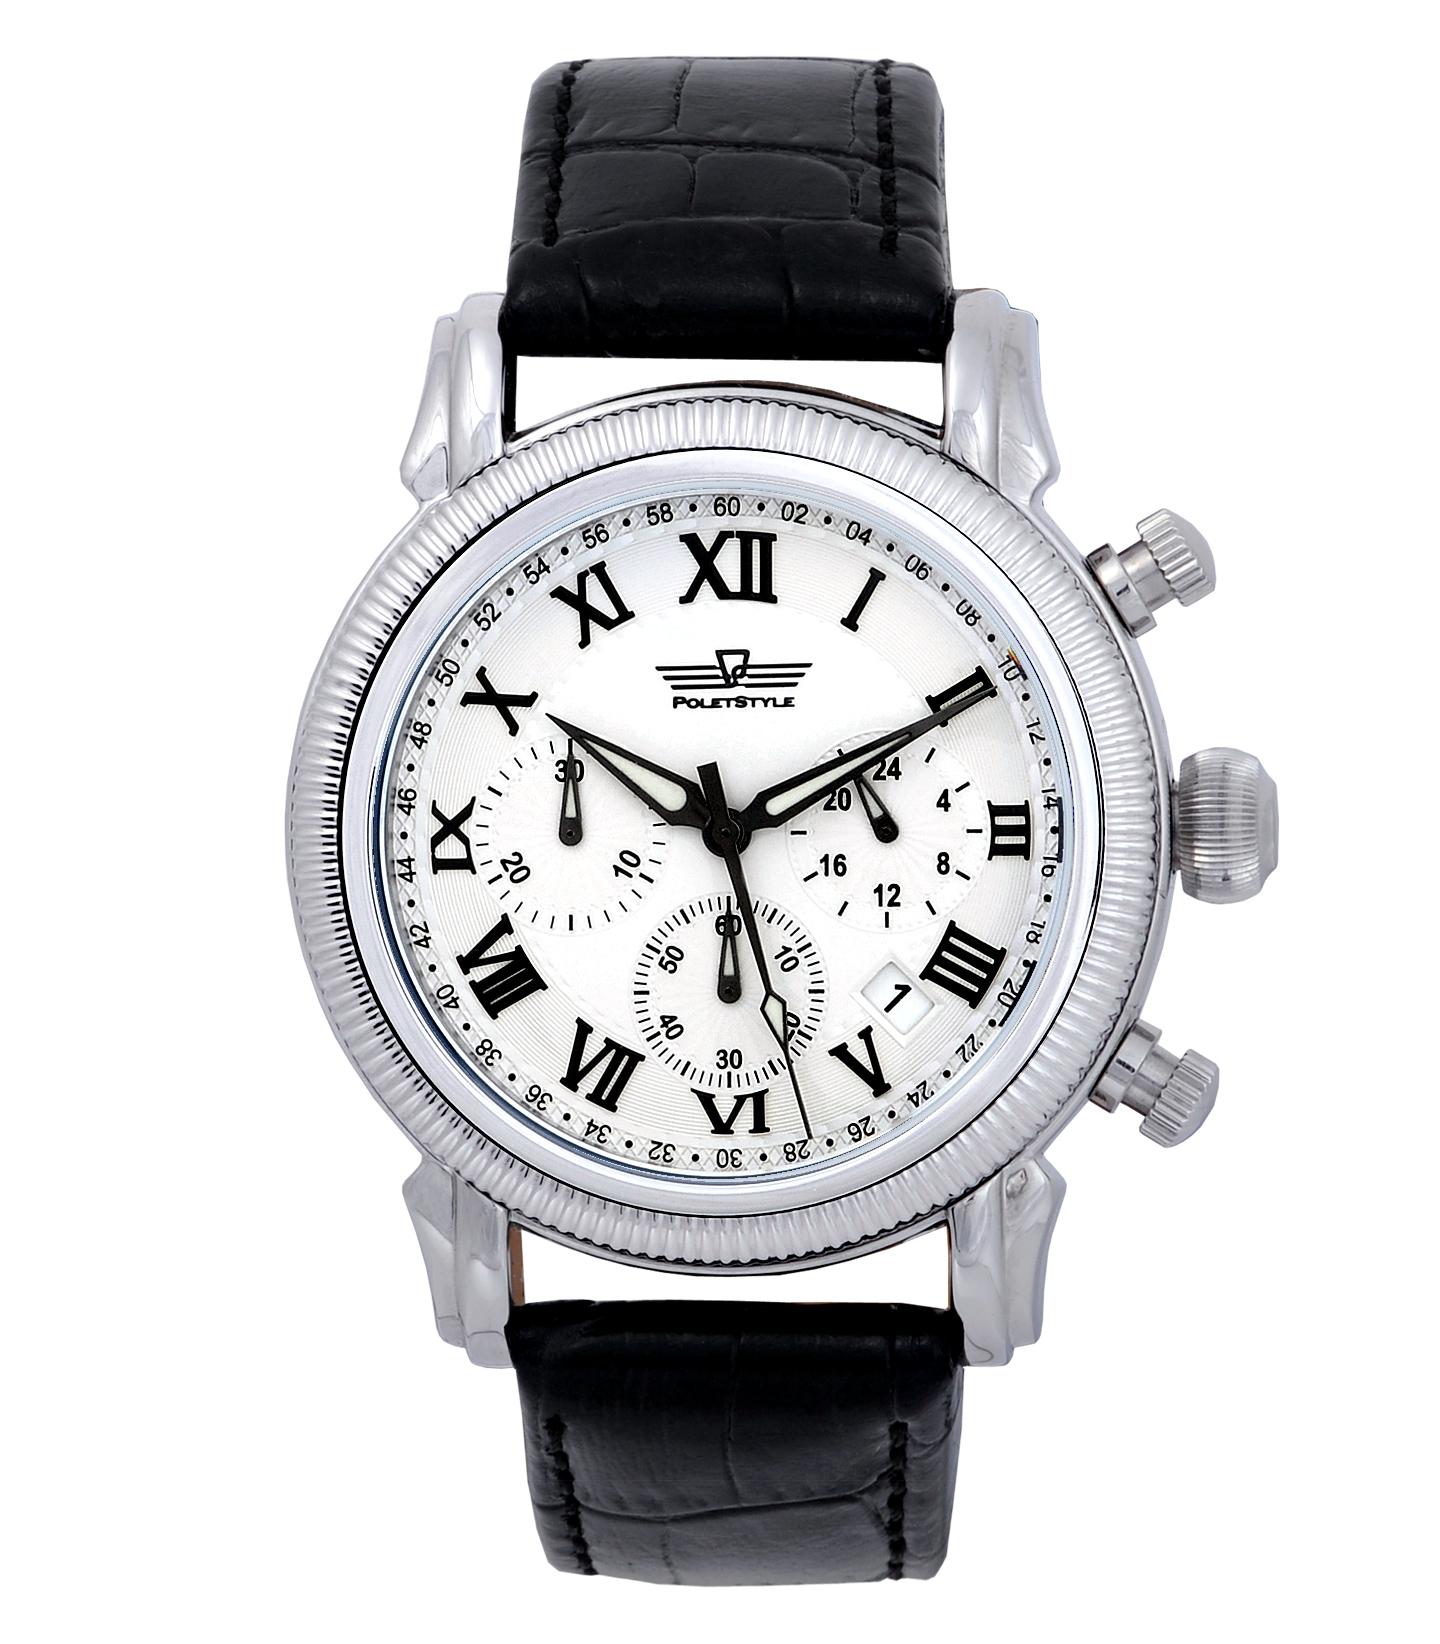 Каждая из моделей мужских часов создавалась с любовью и настоящим мастерством, чтобы вы нашли именно свою идеальную модель.